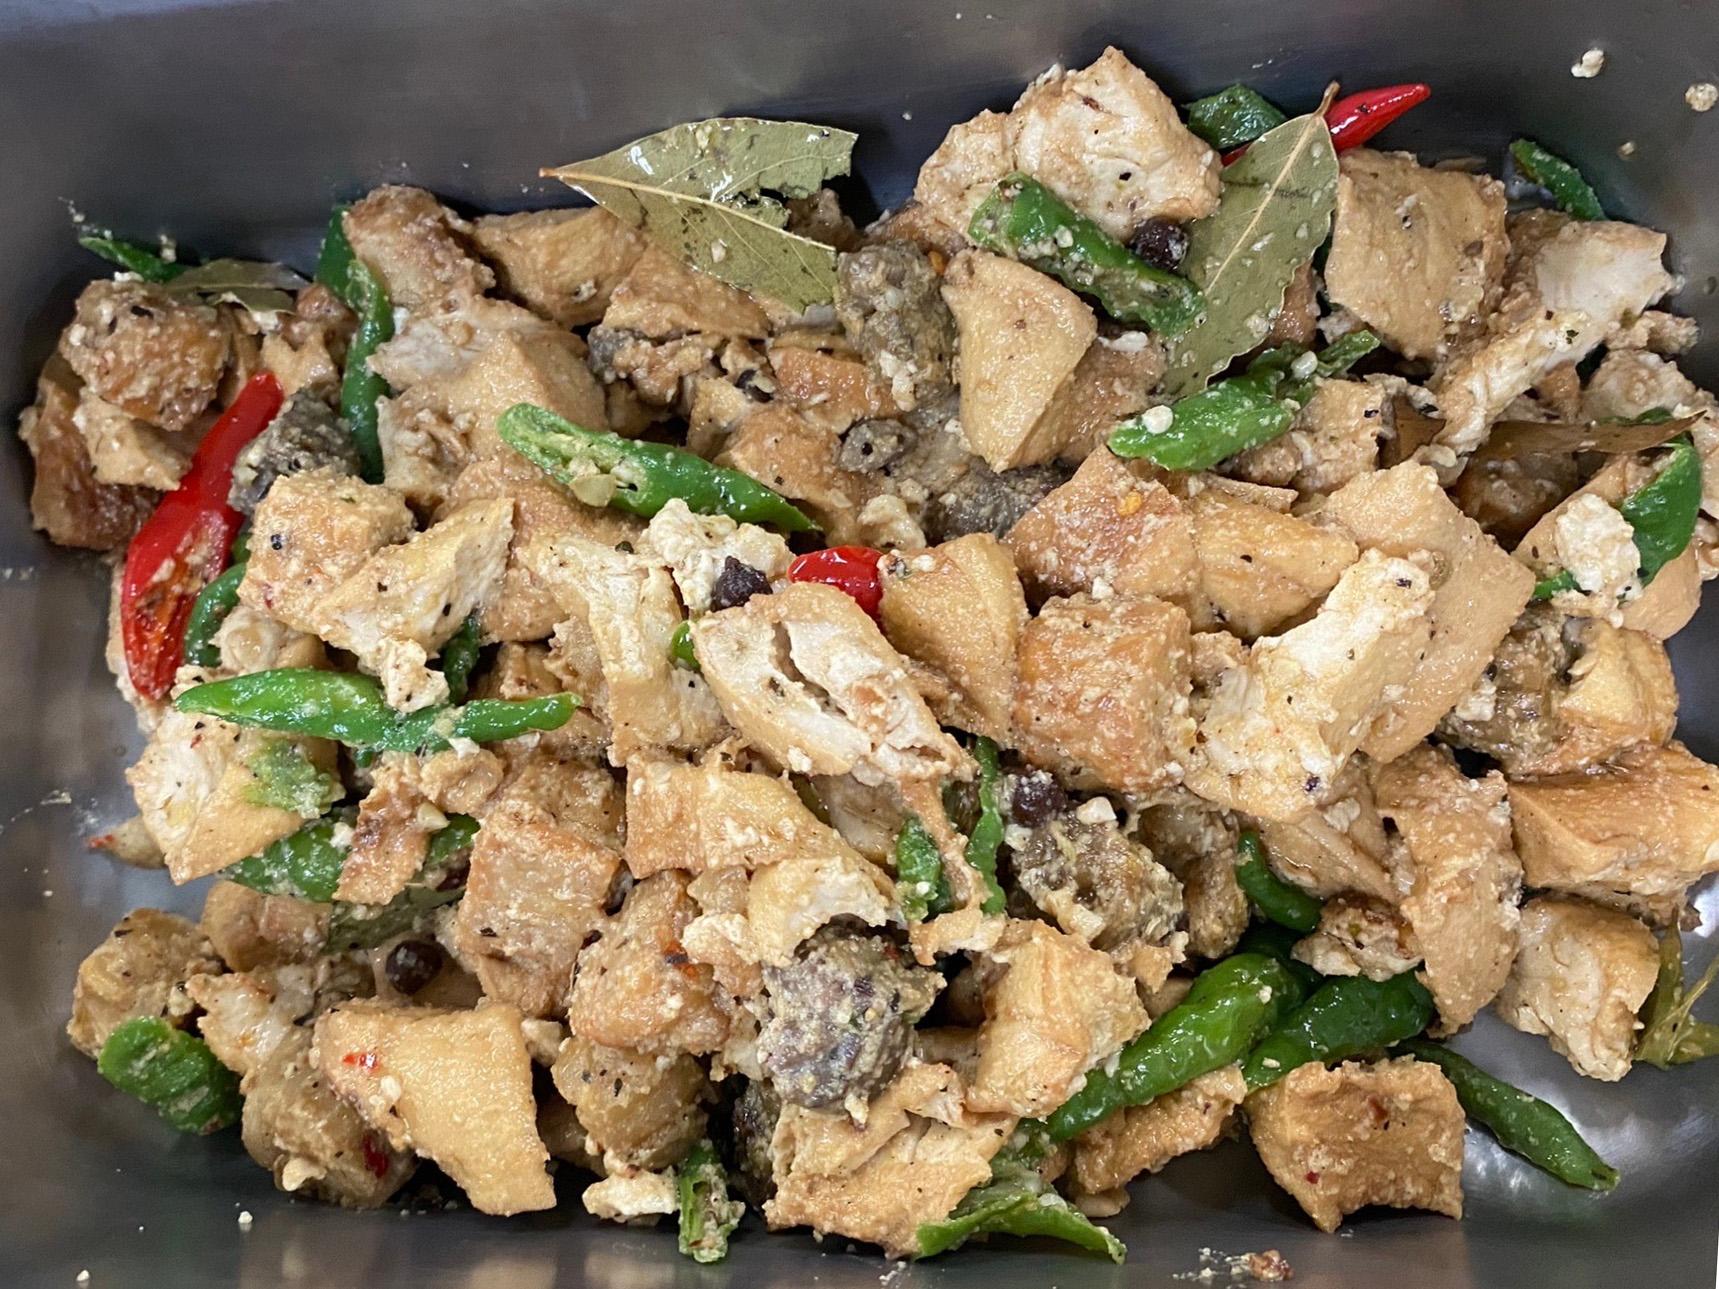 天貝燒豆腐是一道印尼傳統家常菜,藉由料理讓師生體驗異國蔬食料理。